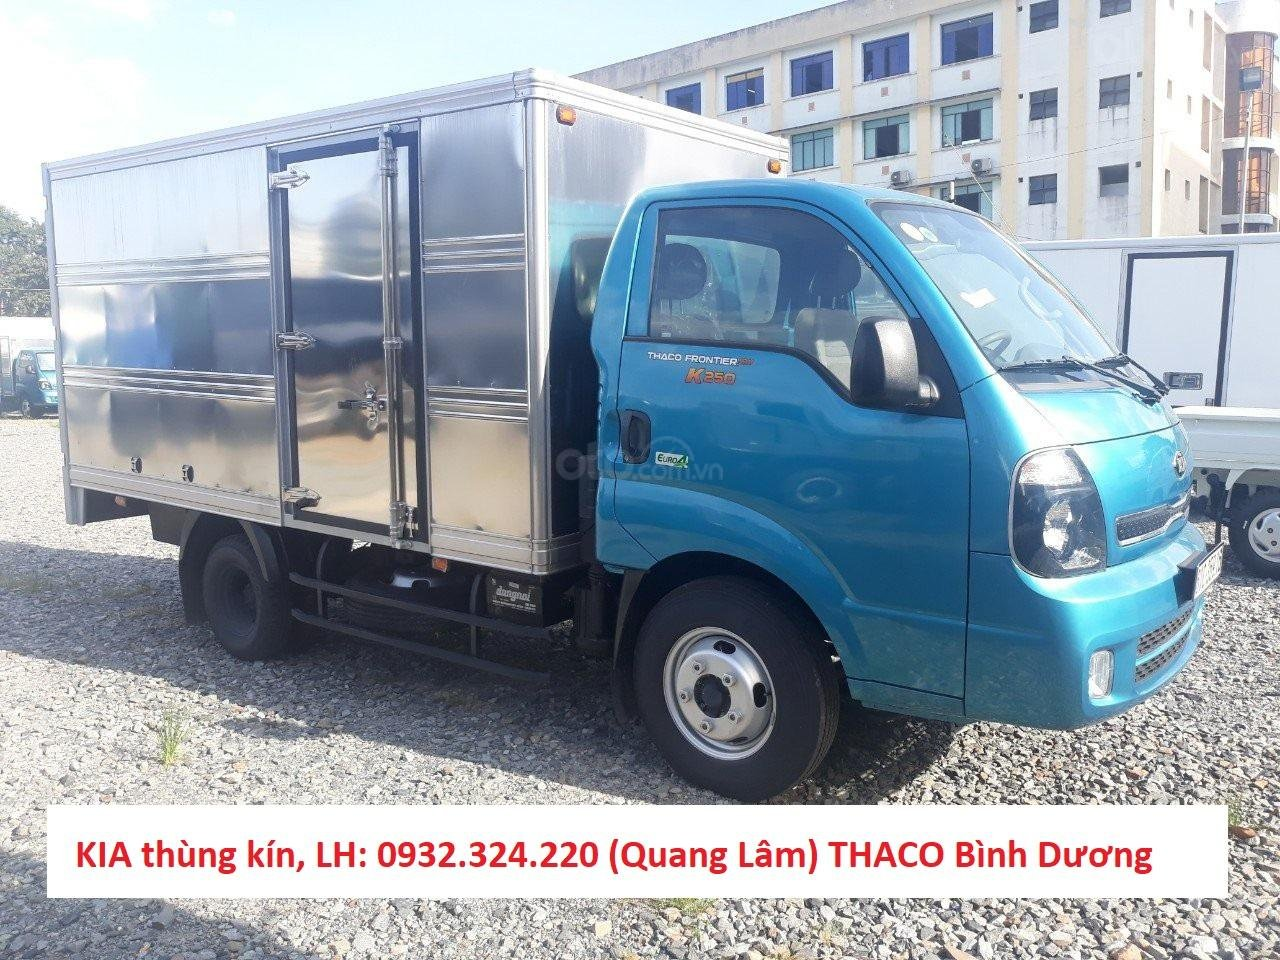 Bán xe tải trả góp Kia K250 máy Hyundai tải 2,49 tấn, có máy lạnh sẵn. Xe có lấy liền tại Thuận An - Bình Dương (4)